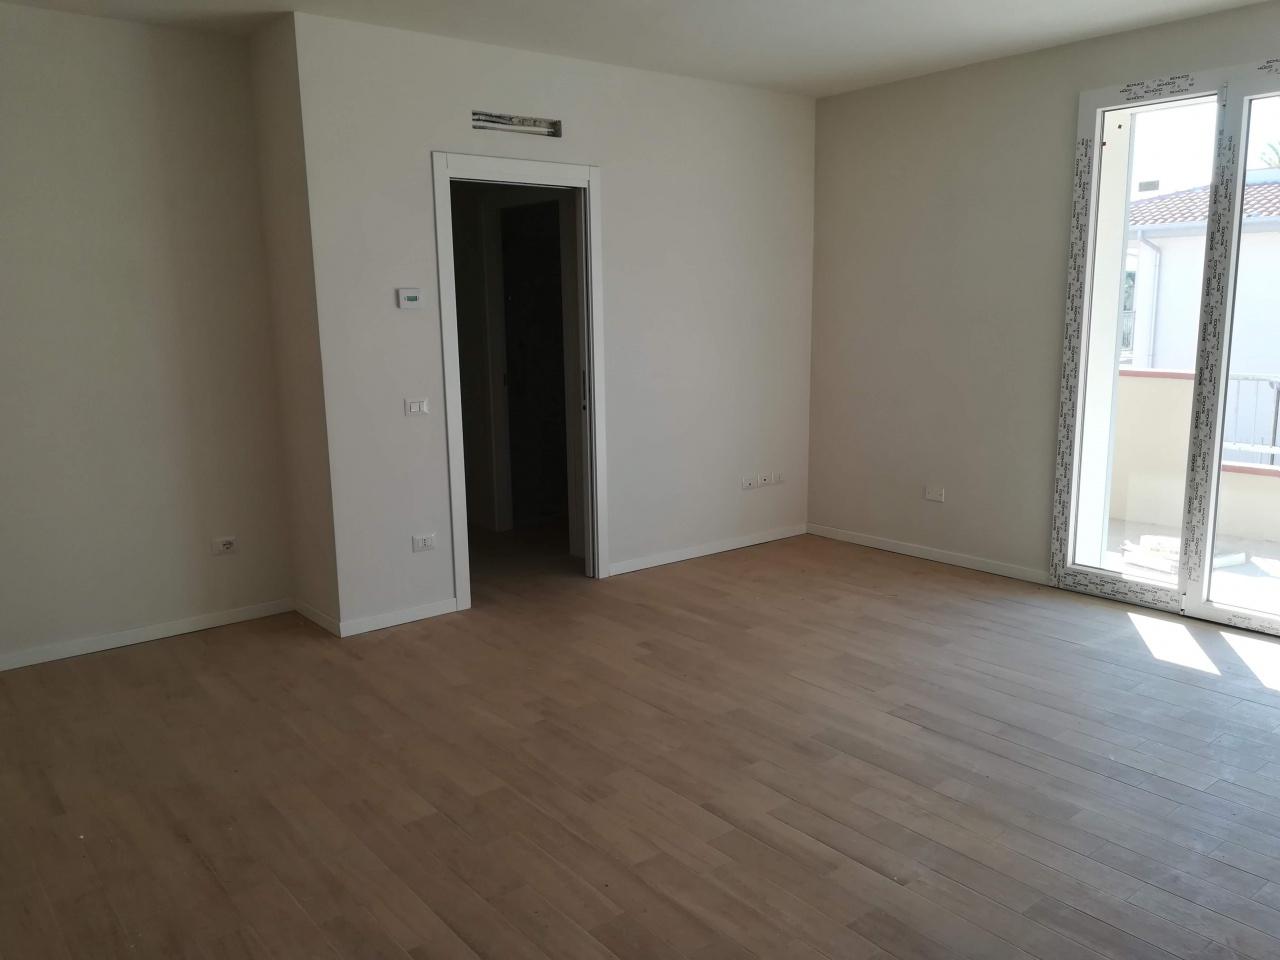 Appartamento in vendita a Quarrata, 3 locali, prezzo € 182.000 | CambioCasa.it